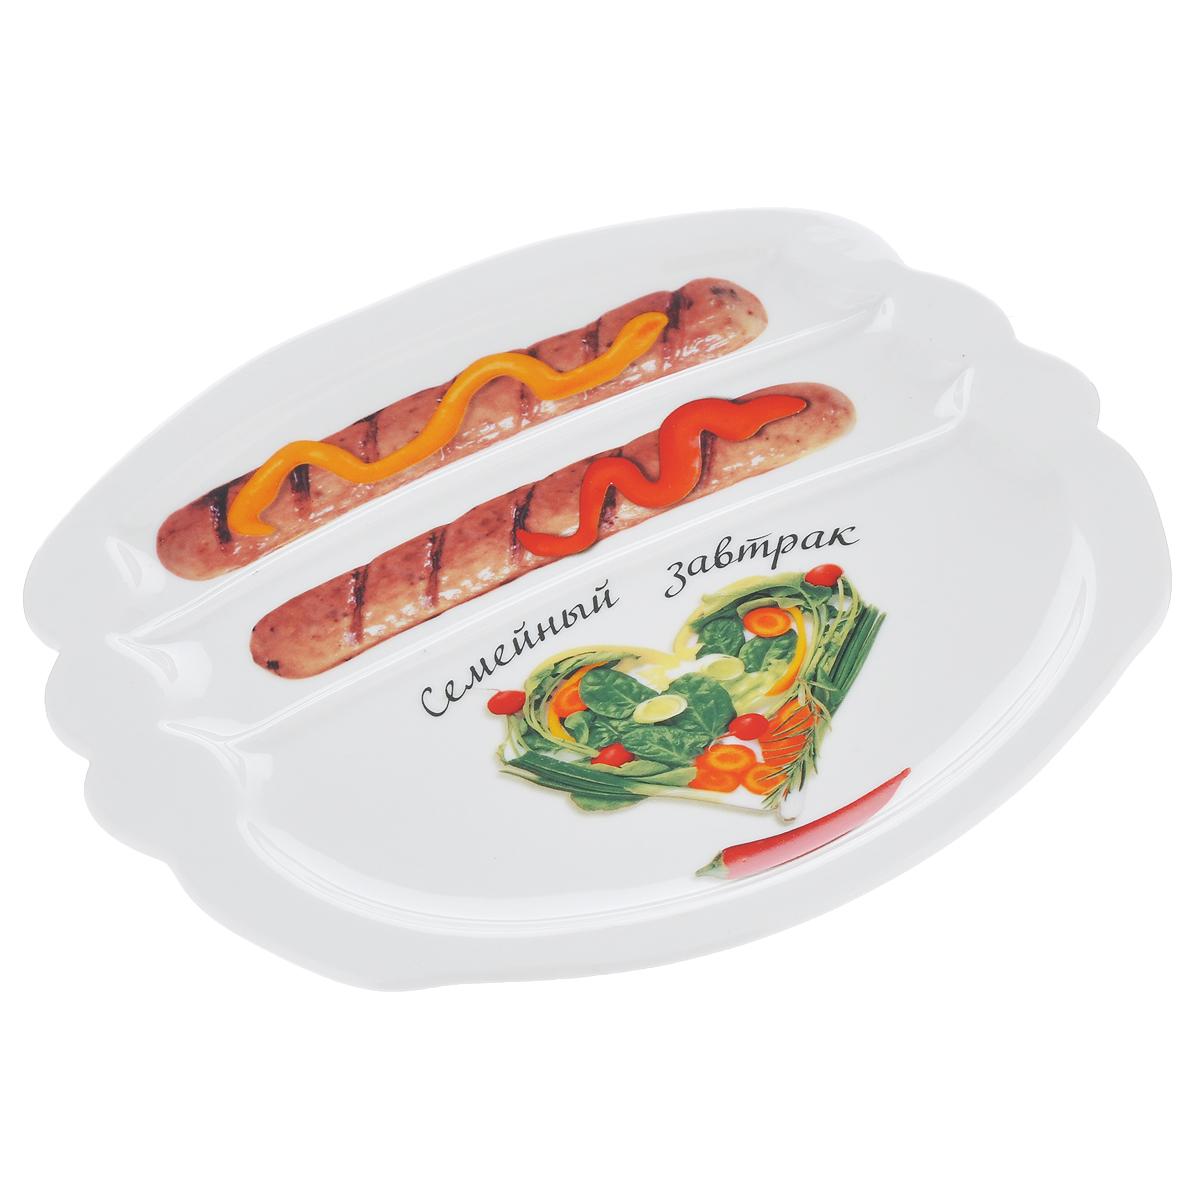 Тарелка для завтрака LarangE Семейный завтрак. Сердечный, 22,5 х 19 см589-306Тарелка для завтрака LarangE Семейный завтрак. Сердечный изготовлена из высококачественной керамики. Изделие украшено изображением сердца из еды. Тарелка имеет три отделения: 2 маленьких отделения для сосисок и одно большое отделение для яичницы или другого блюда. Можно использовать в СВЧ печах, духовом шкафу и холодильнике. Не применять абразивные чистящие вещества.Размер тарелки: 22,5 см х 19 см. Высота тарелки: 2 см.